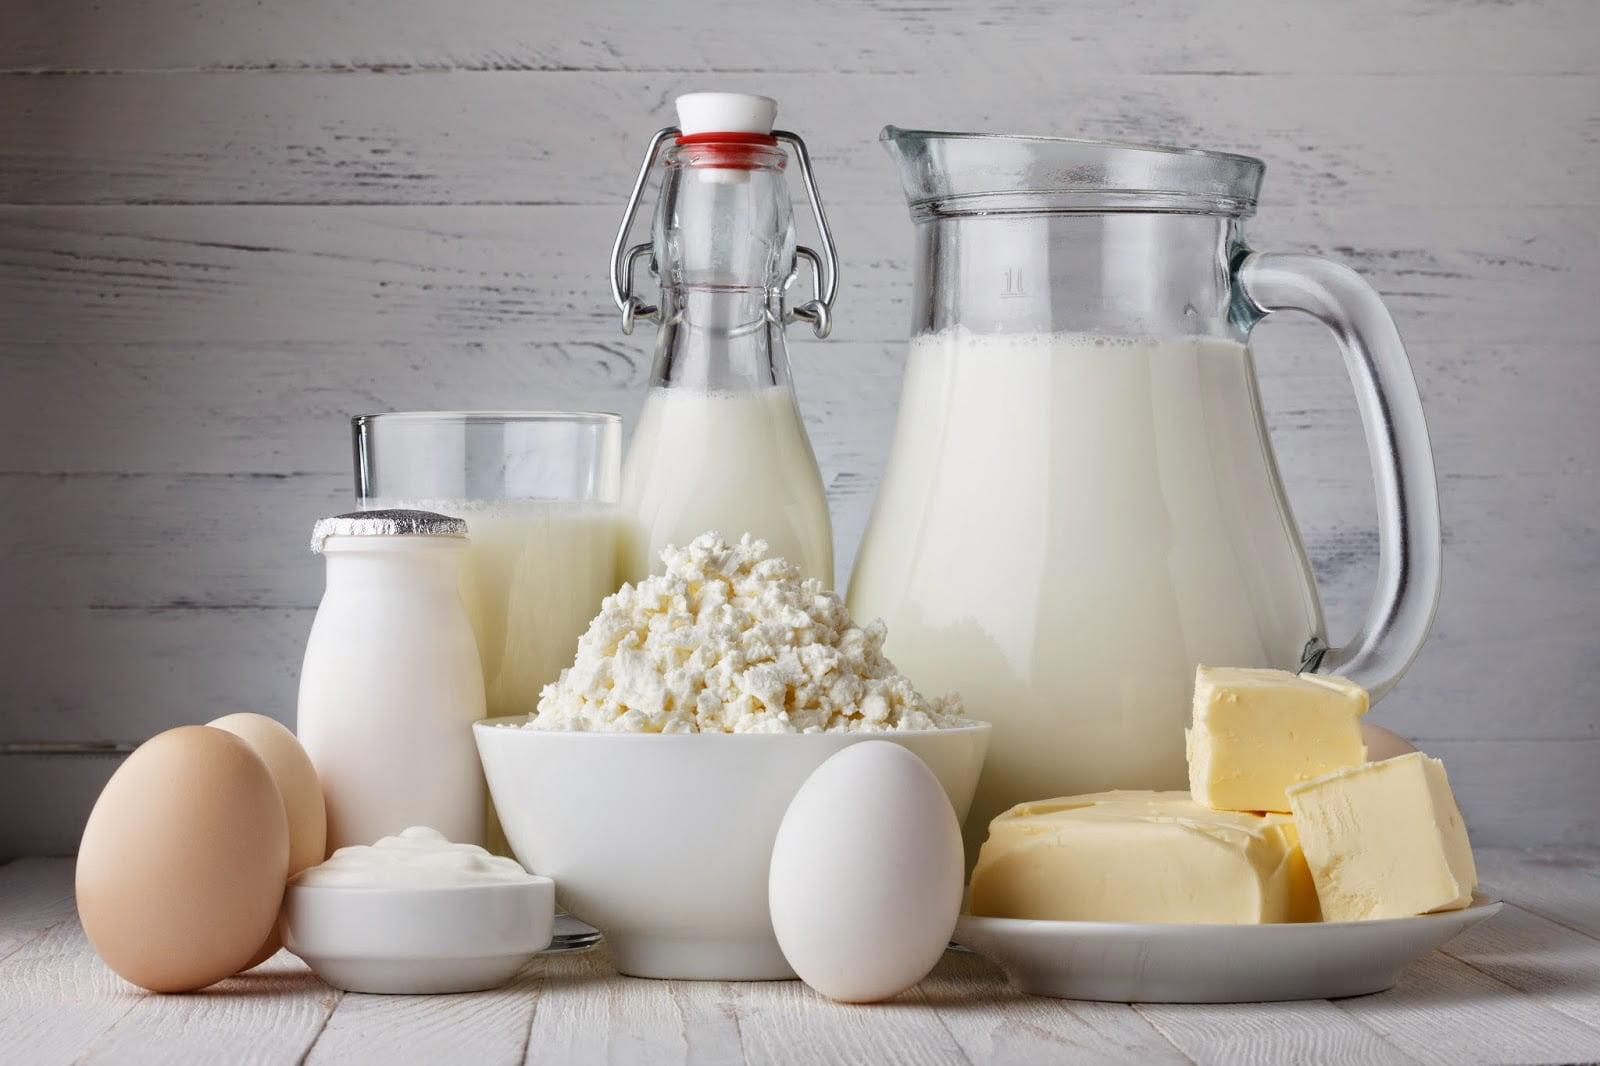 مواد غذایی در رژیم لاغری ساده و کم هزینه